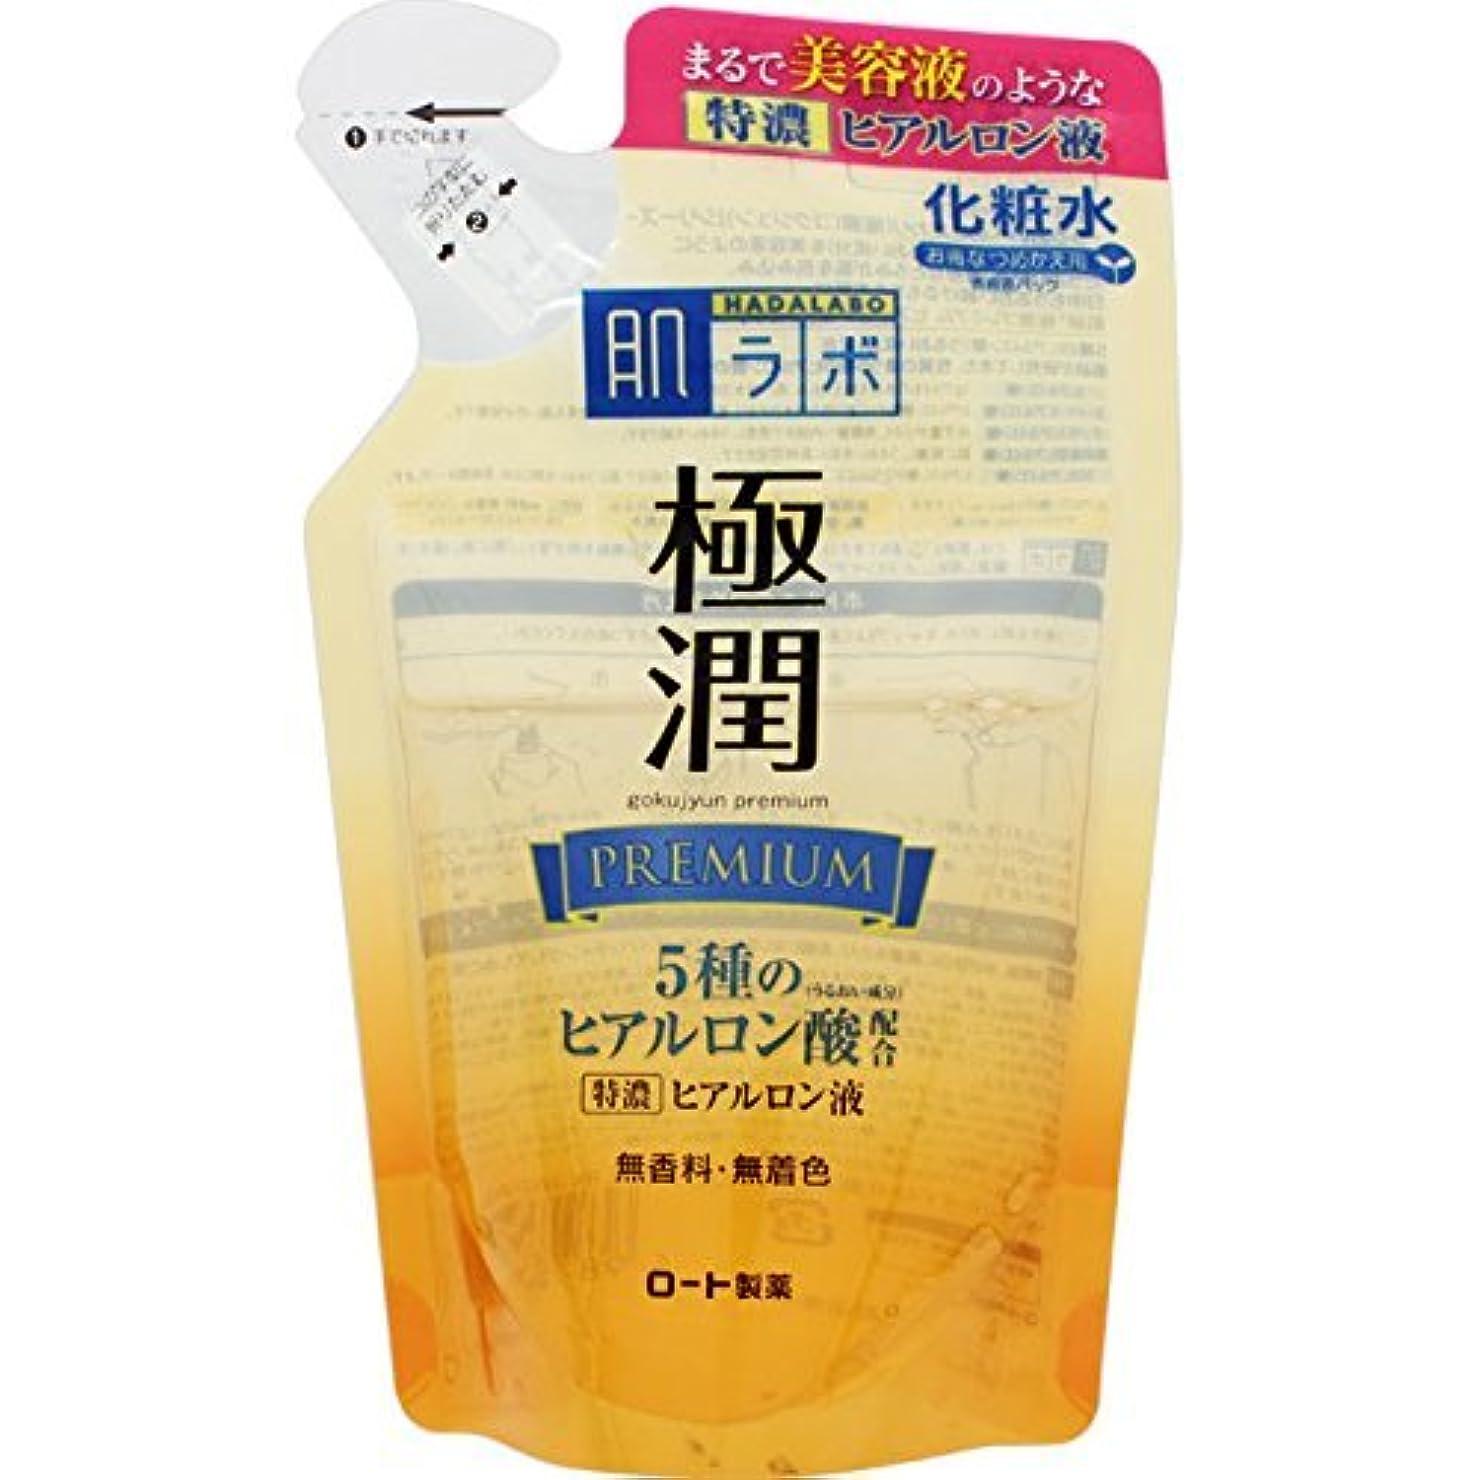 発見傾いたお祝い肌研 極潤プレミアム ヒアルロン液 つめかえ用 170mL